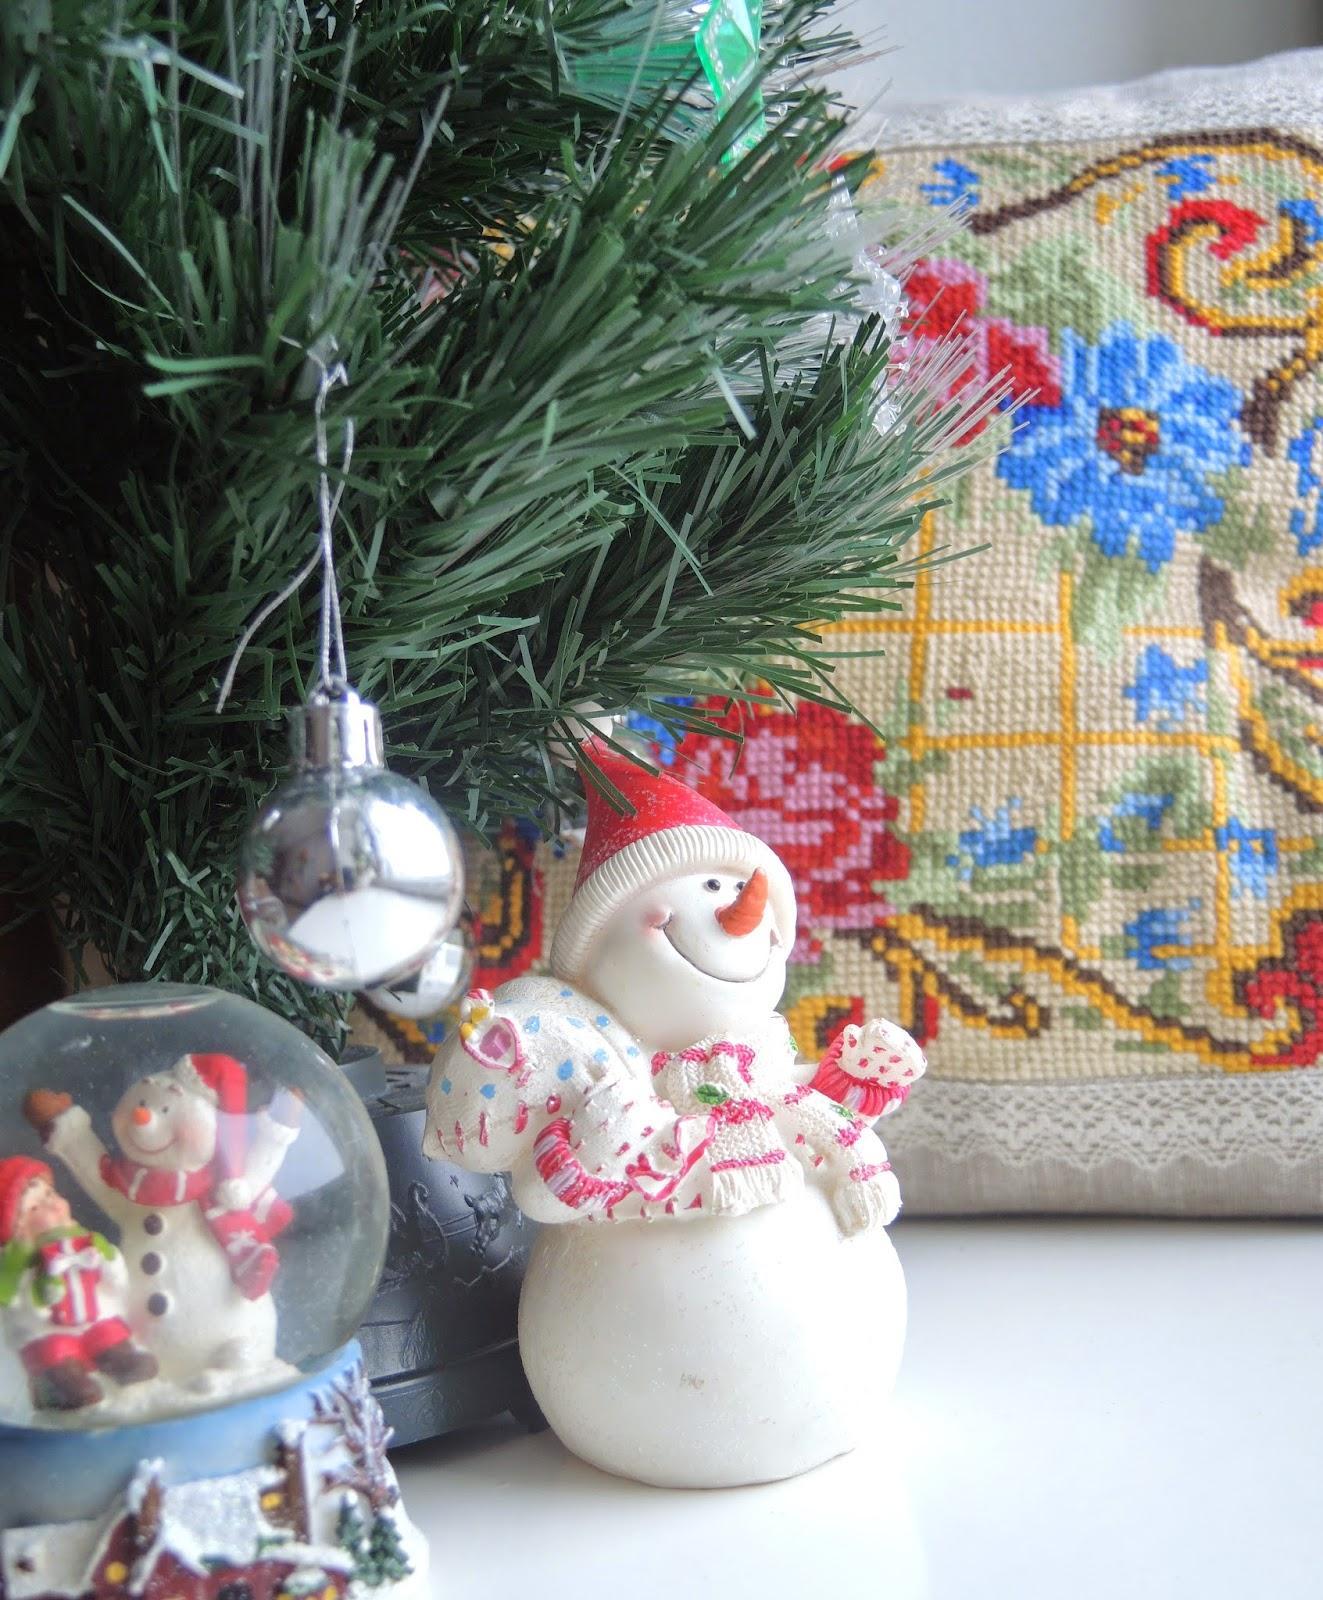 vishivca-podushca-jpg-подушка сшитая своими руками с вышивкой лен кружево натуральный цвет яркая вышивка